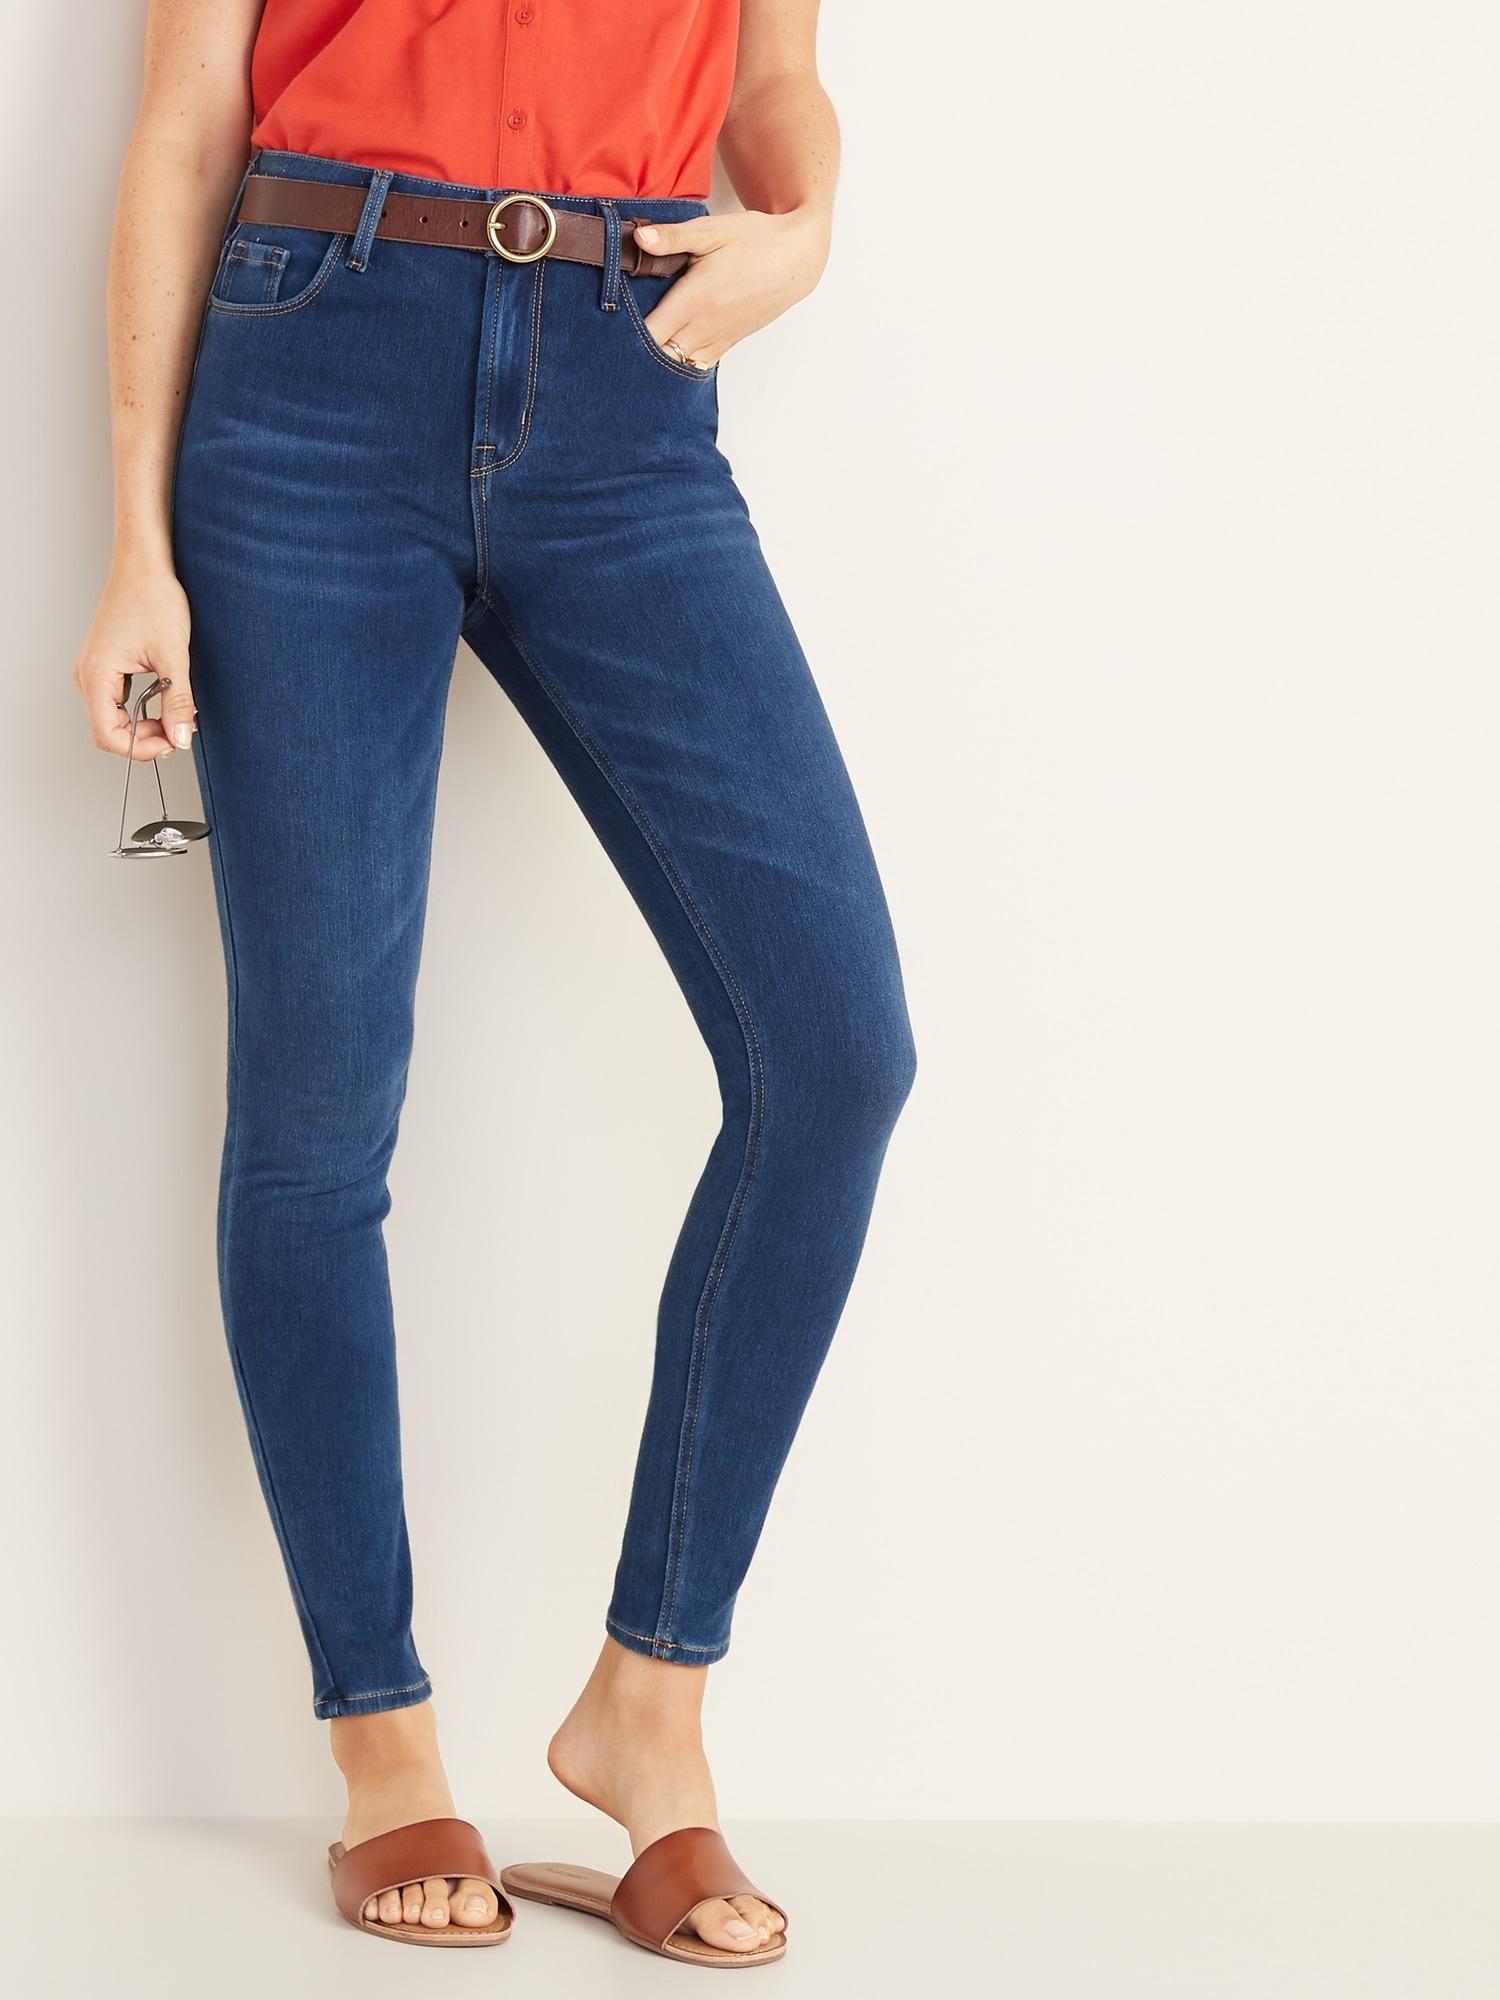 Sculpt Super Skinny Jeans